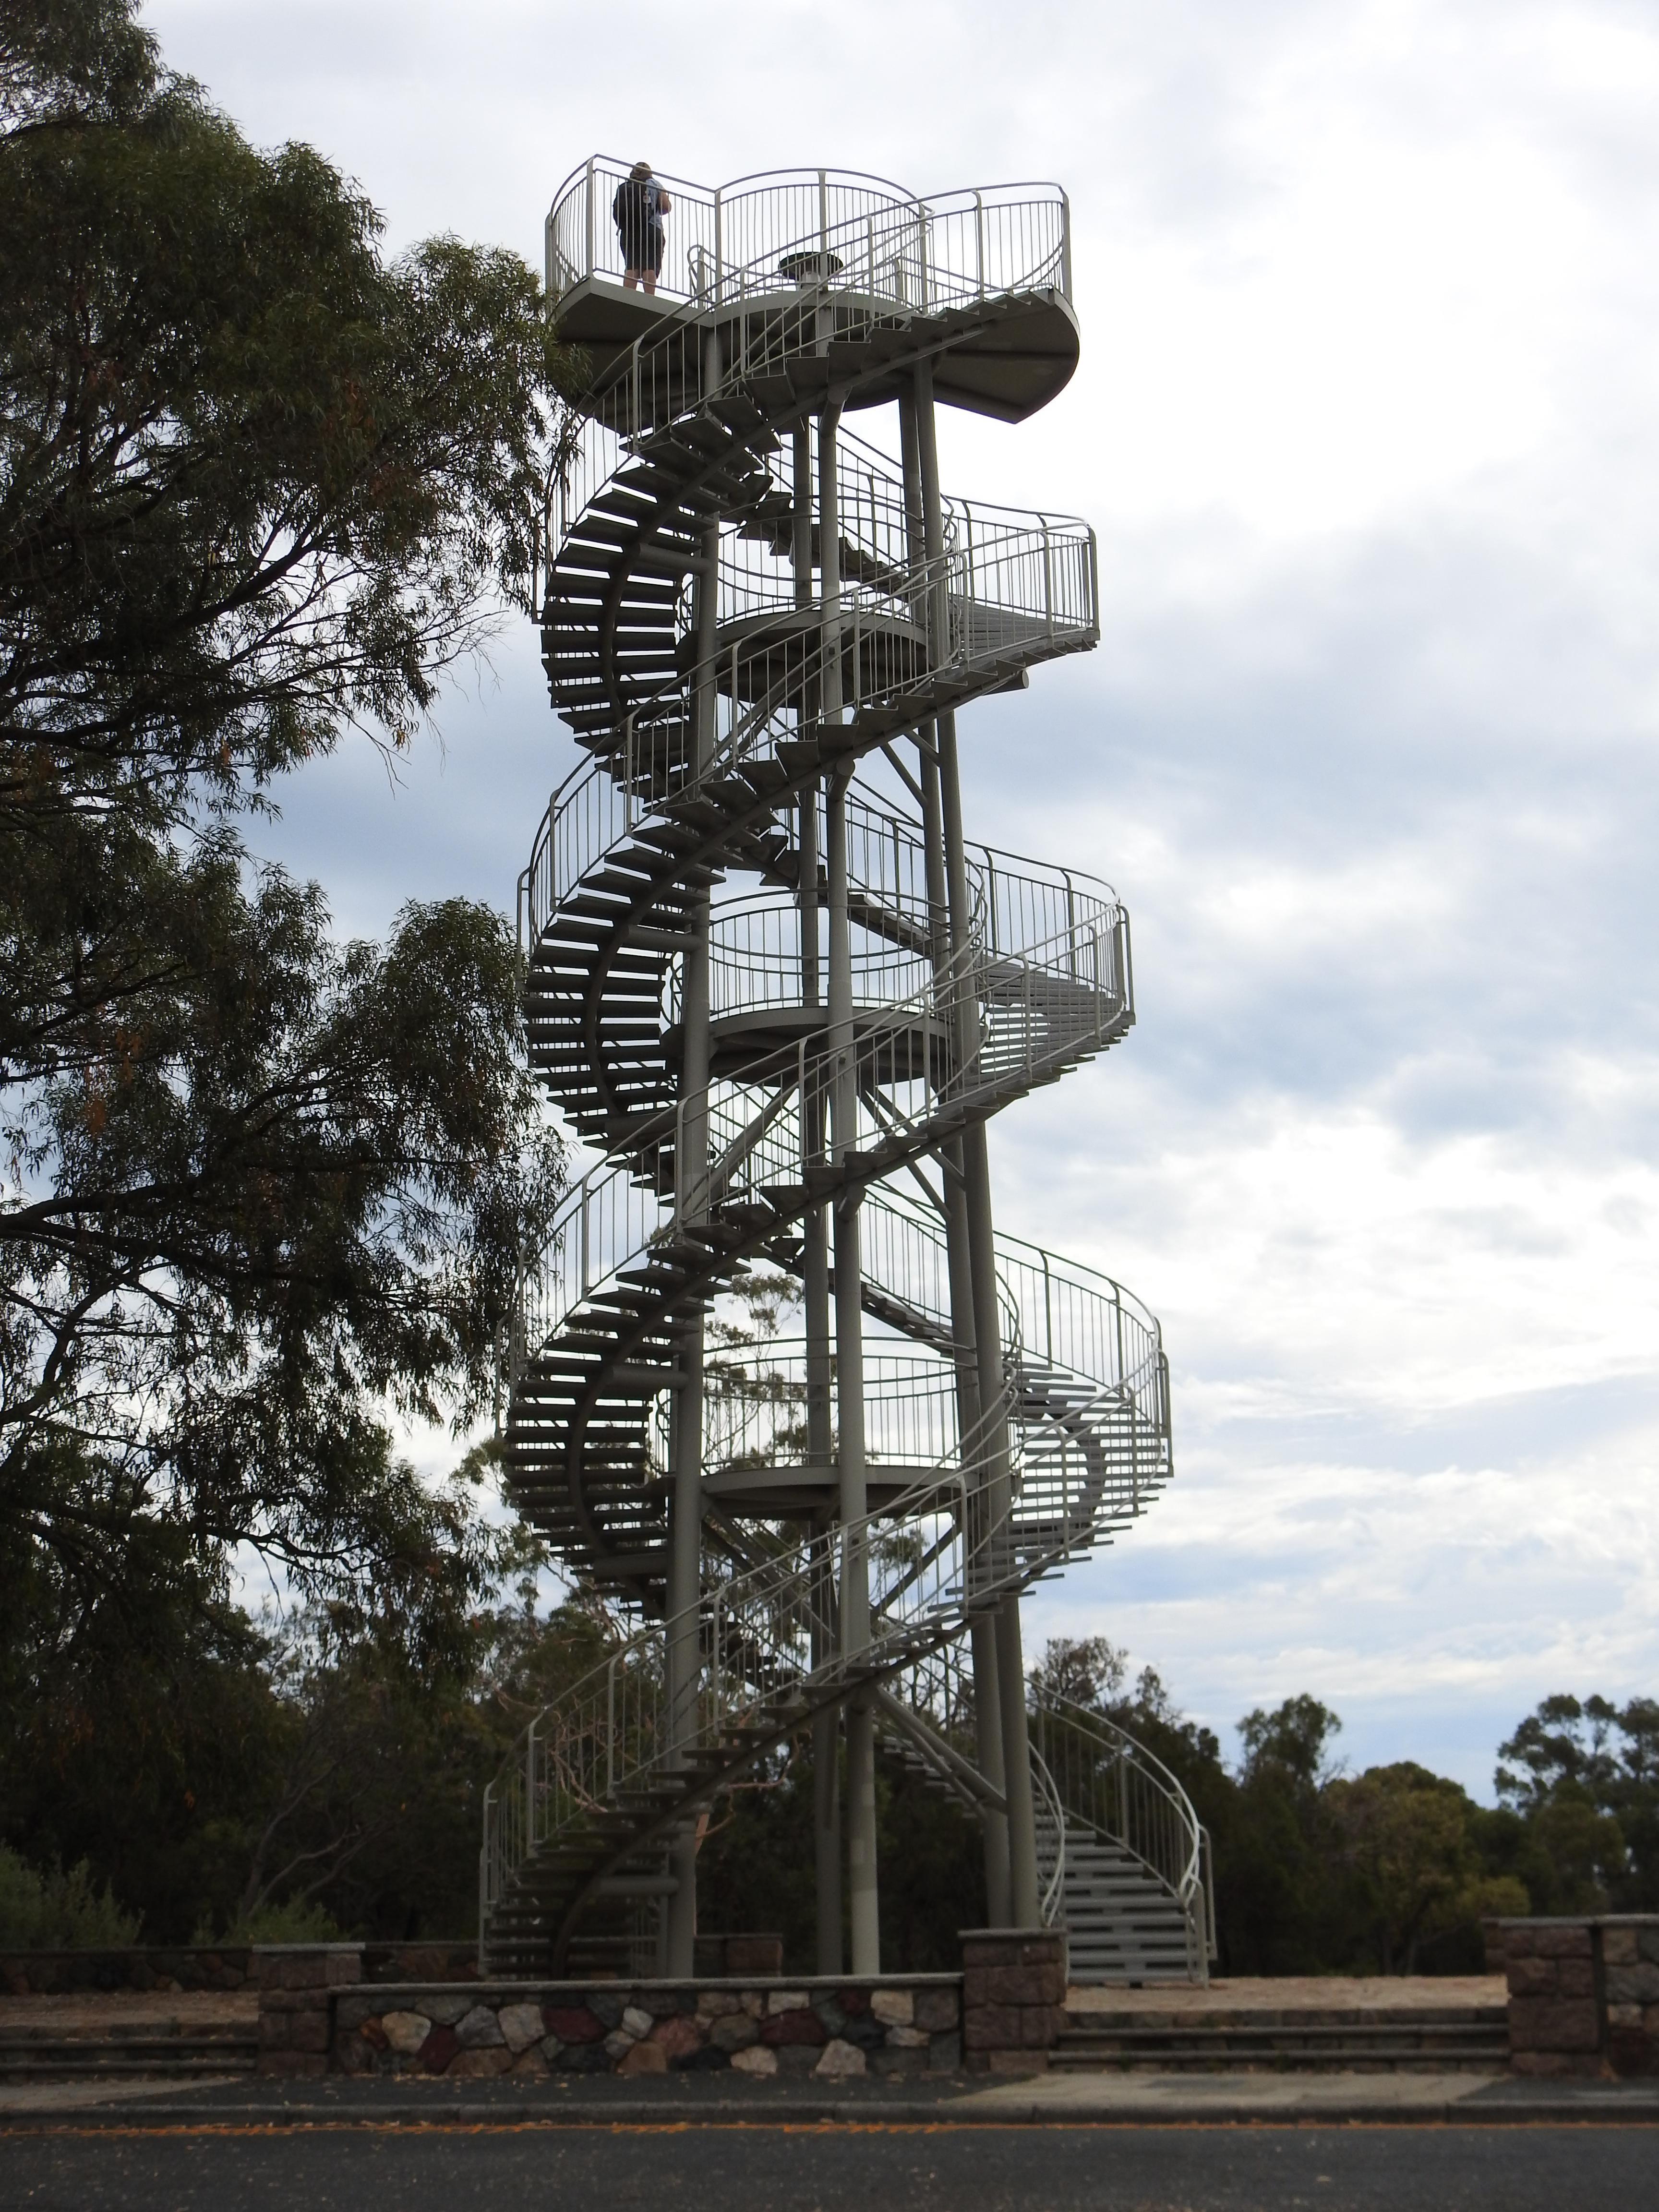 DNA towerJPG.jpg